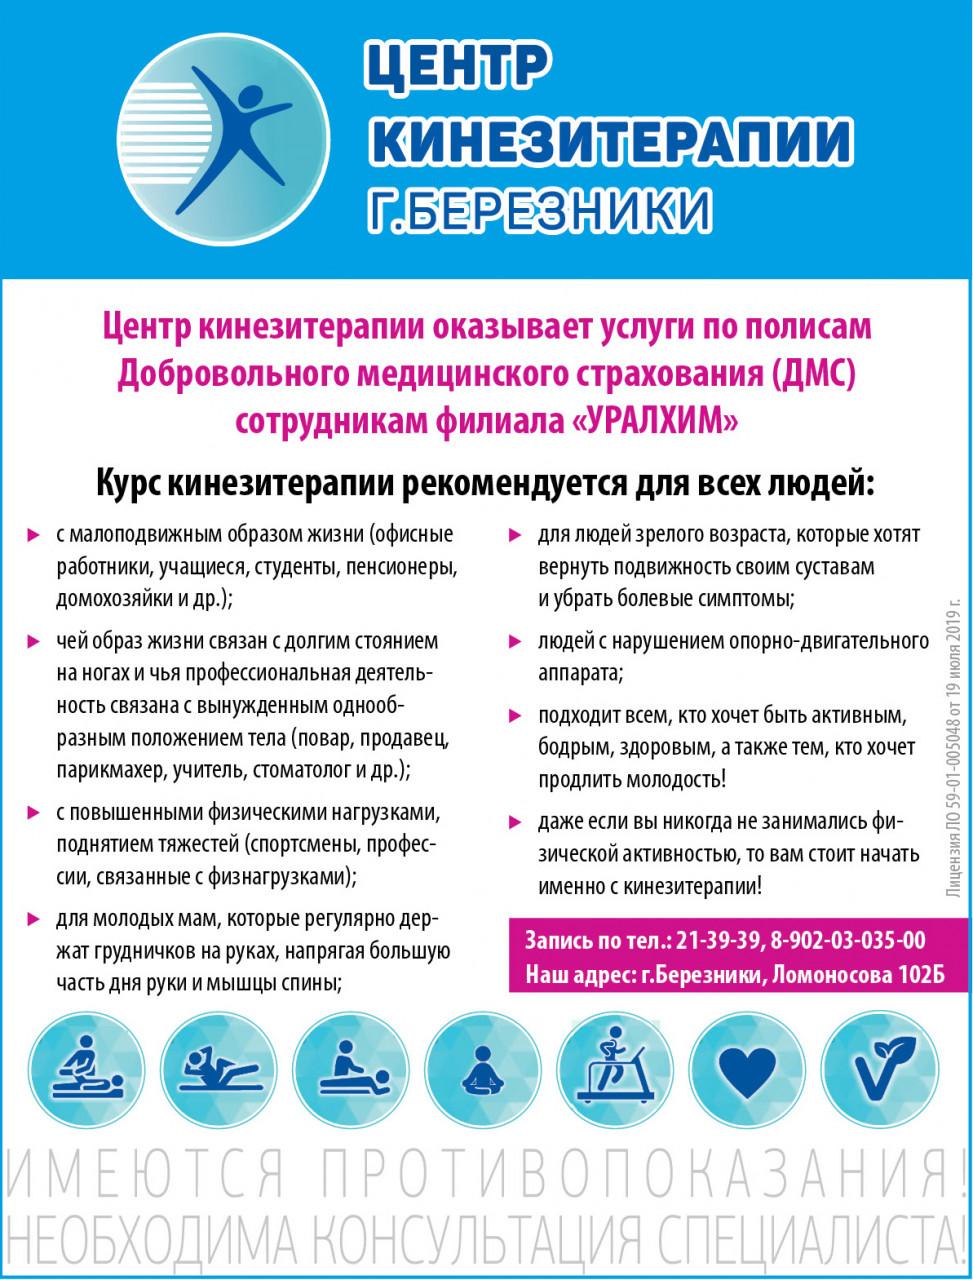 кинезитерапия